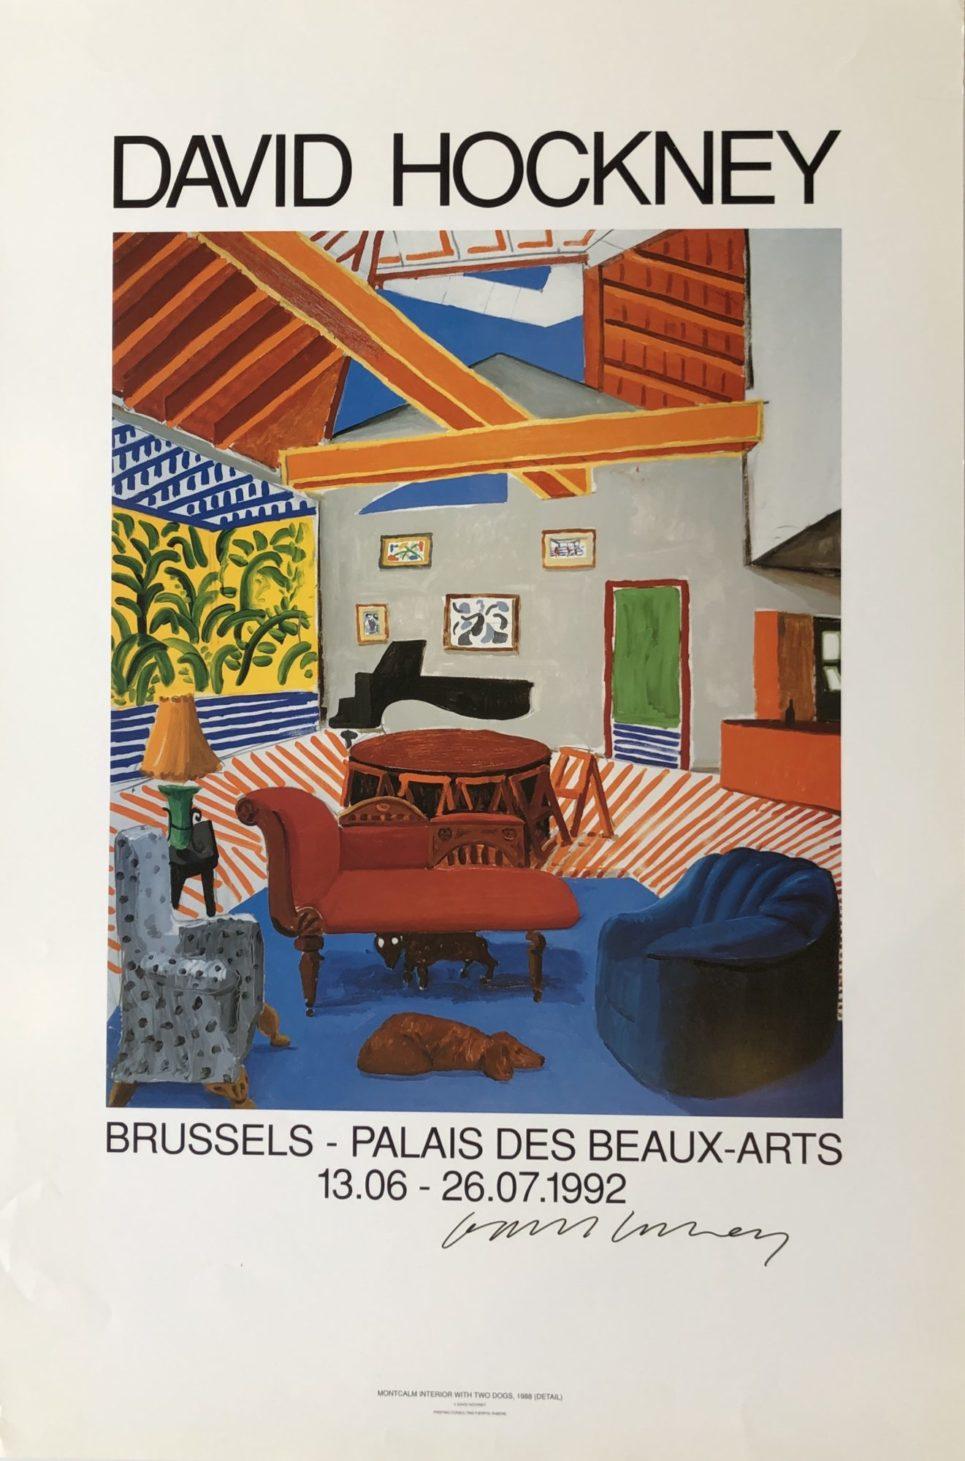 David Hockney - Brussels - Palais des Beaux Arts